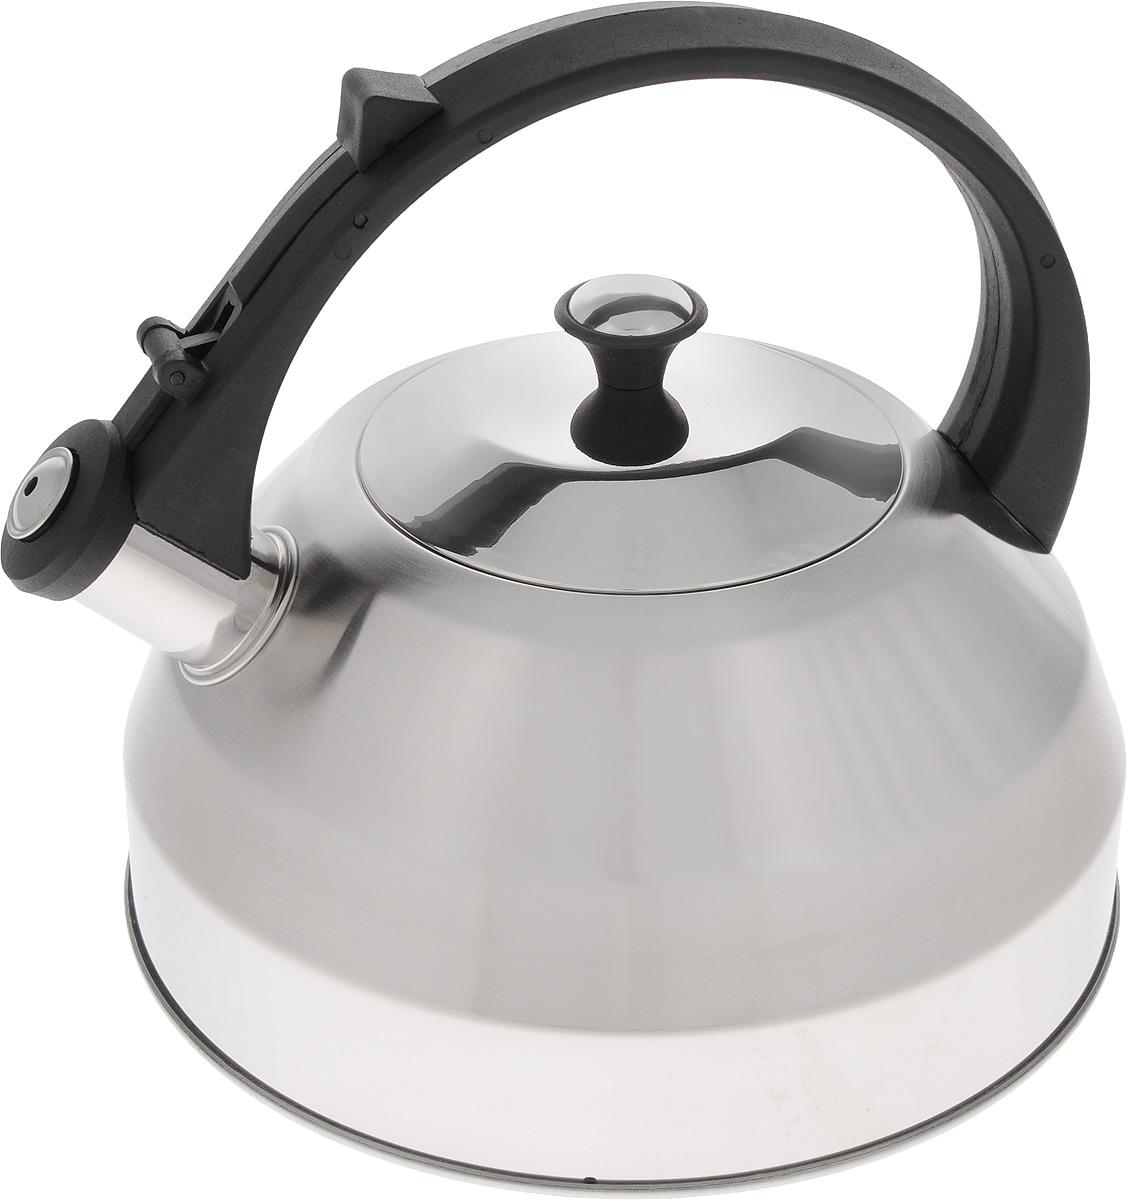 Чайник Mayer & Boch, со свистком, 3 л. 2163721637Чайник Mayer & Boch изготовлен из высококачественной нержавеющей стали, что делает его весьма гигиеничным и устойчивым к износу при длительном использовании. Капсулированное дно обеспечивает равномерный и быстрый нагрев, поэтому вода закипает гораздо быстрее, чем в обычных чайниках. Чайник оснащен откидным свистком, звуковой сигнал которого подскажет, когда закипит вода. Фиксированная пластиковая ручка дает дополнительное удобство при разлитии напитка. Чайник Mayer & Boch идеально впишется в интерьер любой кухни и станет замечательным подарком к любому случаю. Подходит для всех типов плит, включая индукционные. Можно мыть в посудомоечной машине. Высота чайника (без учета ручки и крышки): 12 см. Высота чайника (с учетом ручки и крышки): 22 см. Диаметр чайника (по верхнему краю): 12 см.